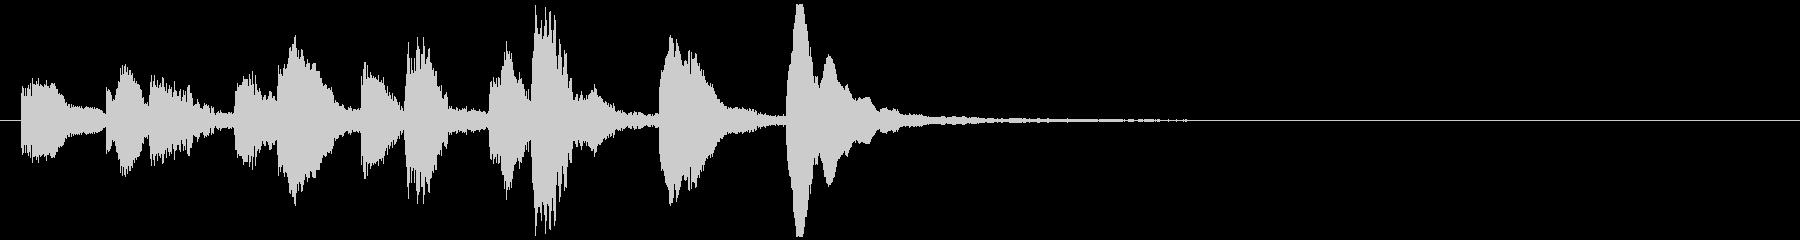 のほほんジングル034_かわいい+3の未再生の波形